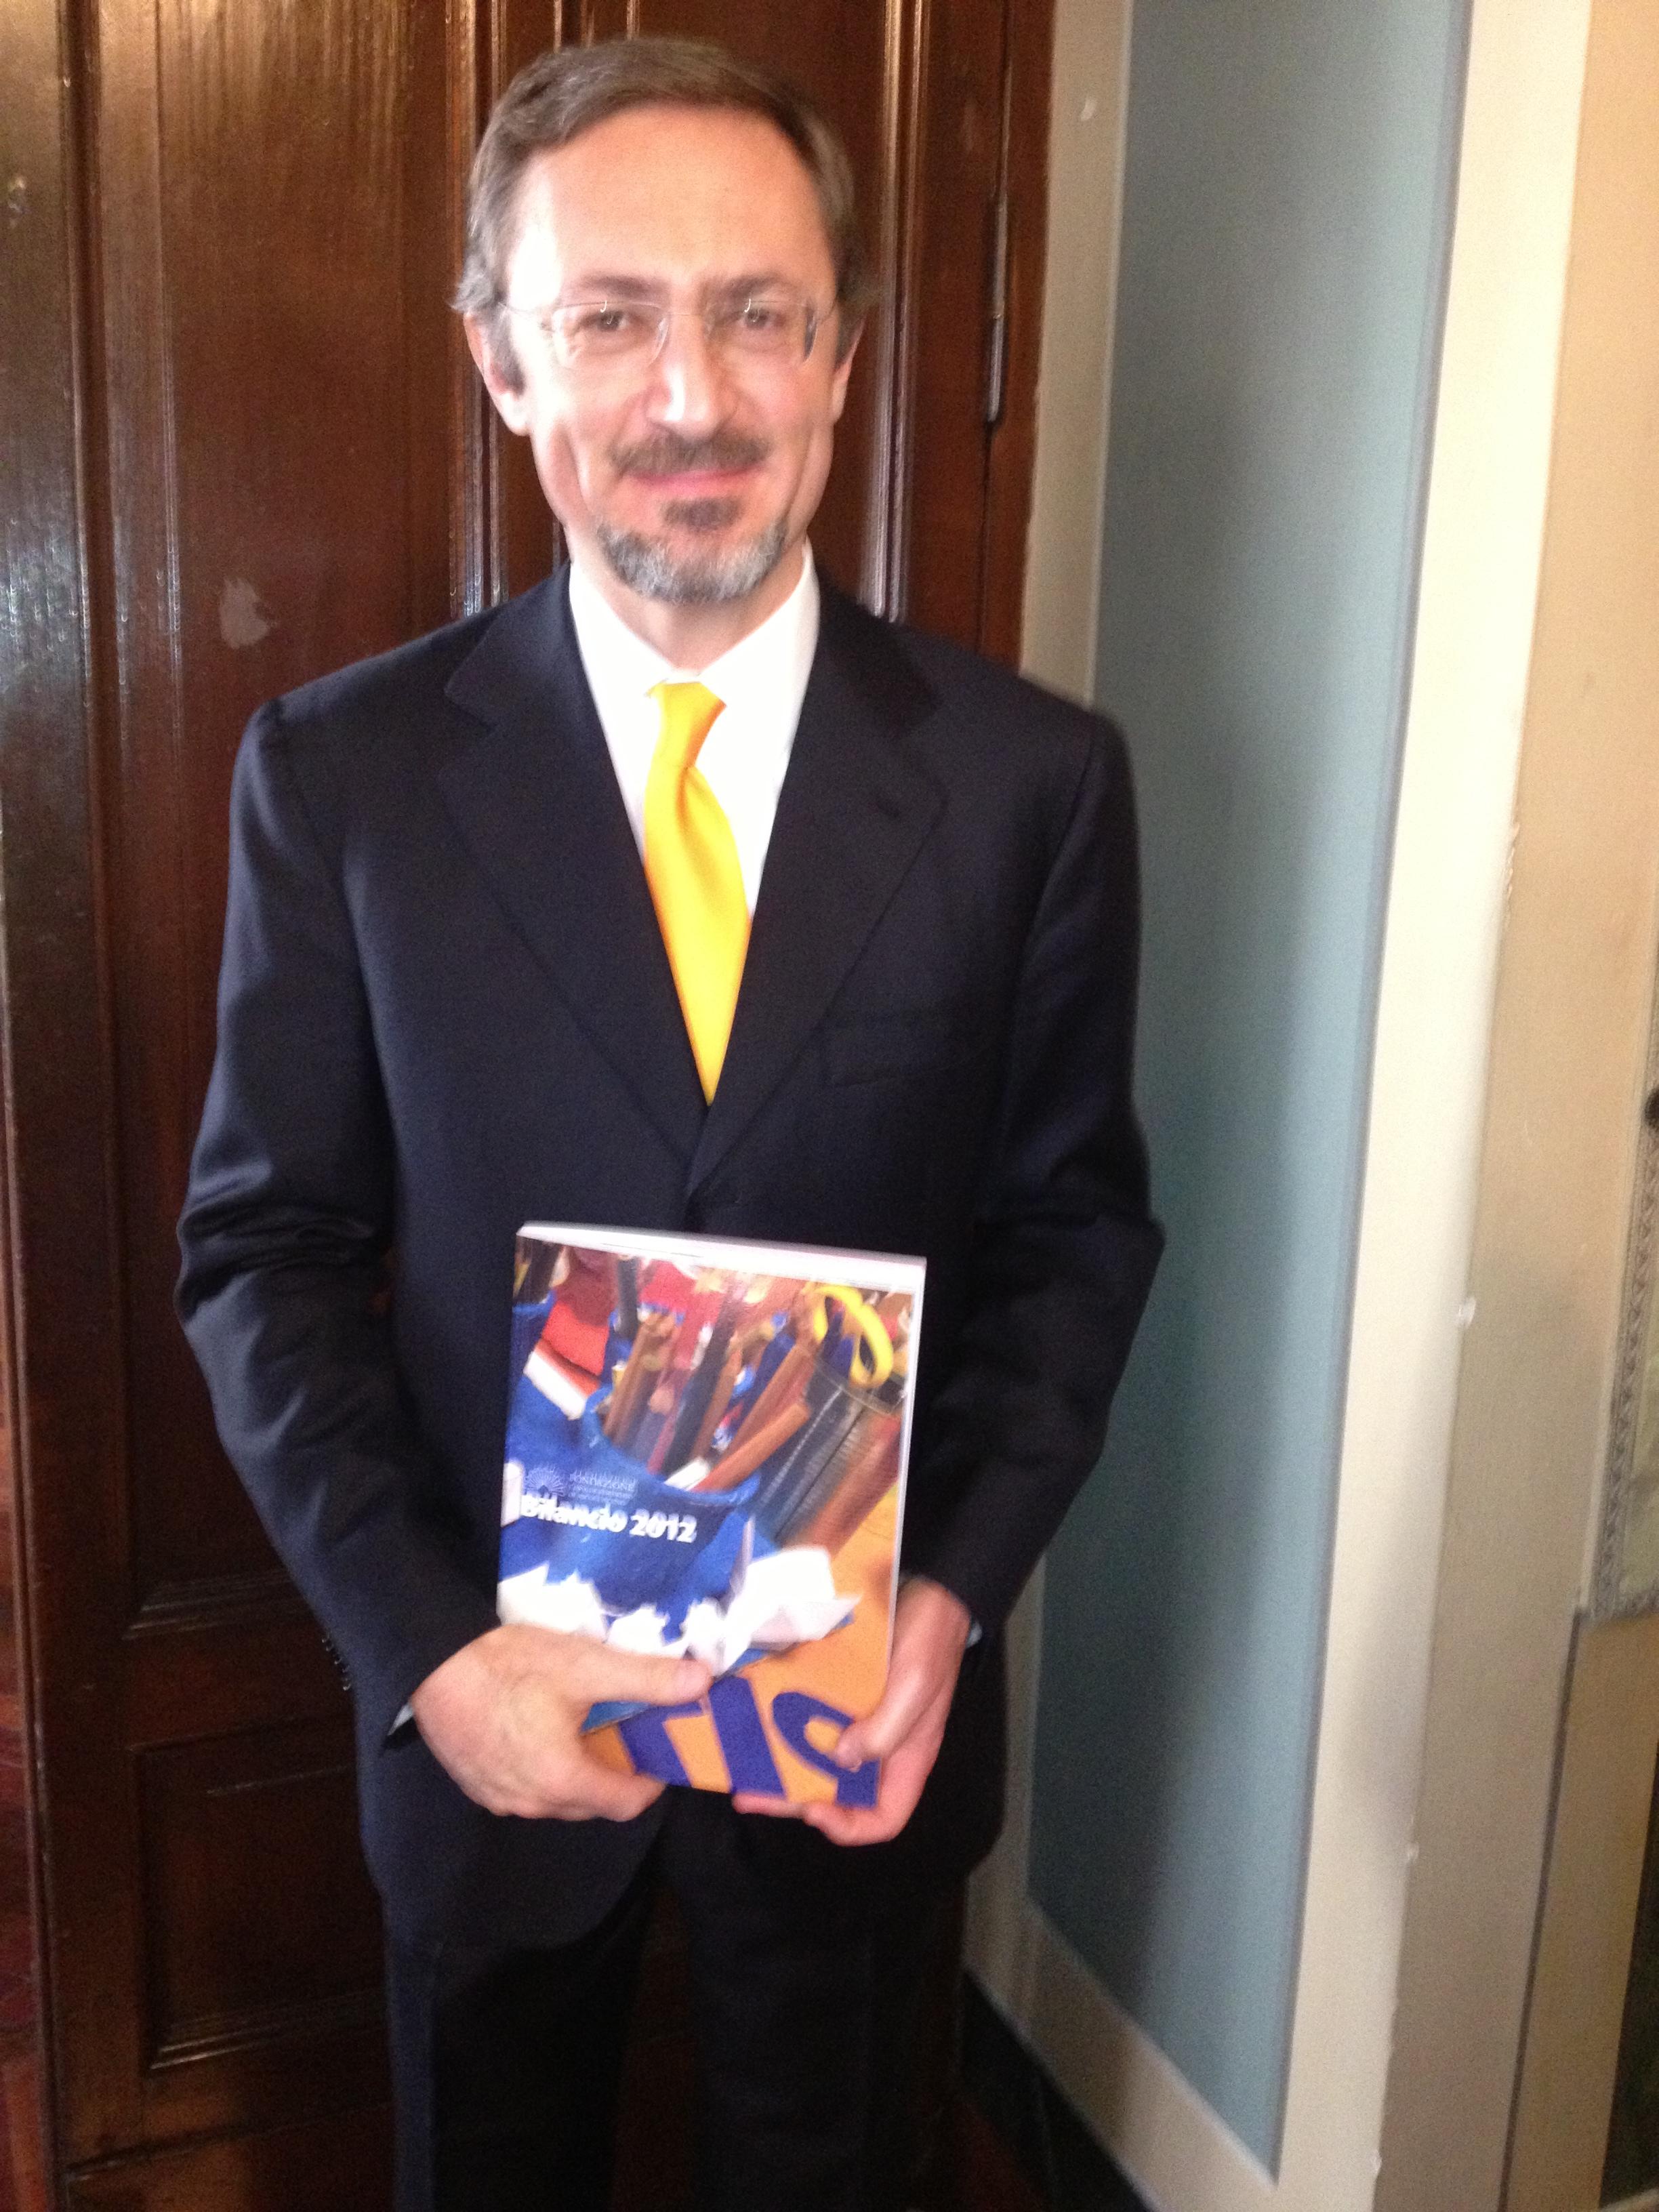 il presidente marini marini col bilancio 2012